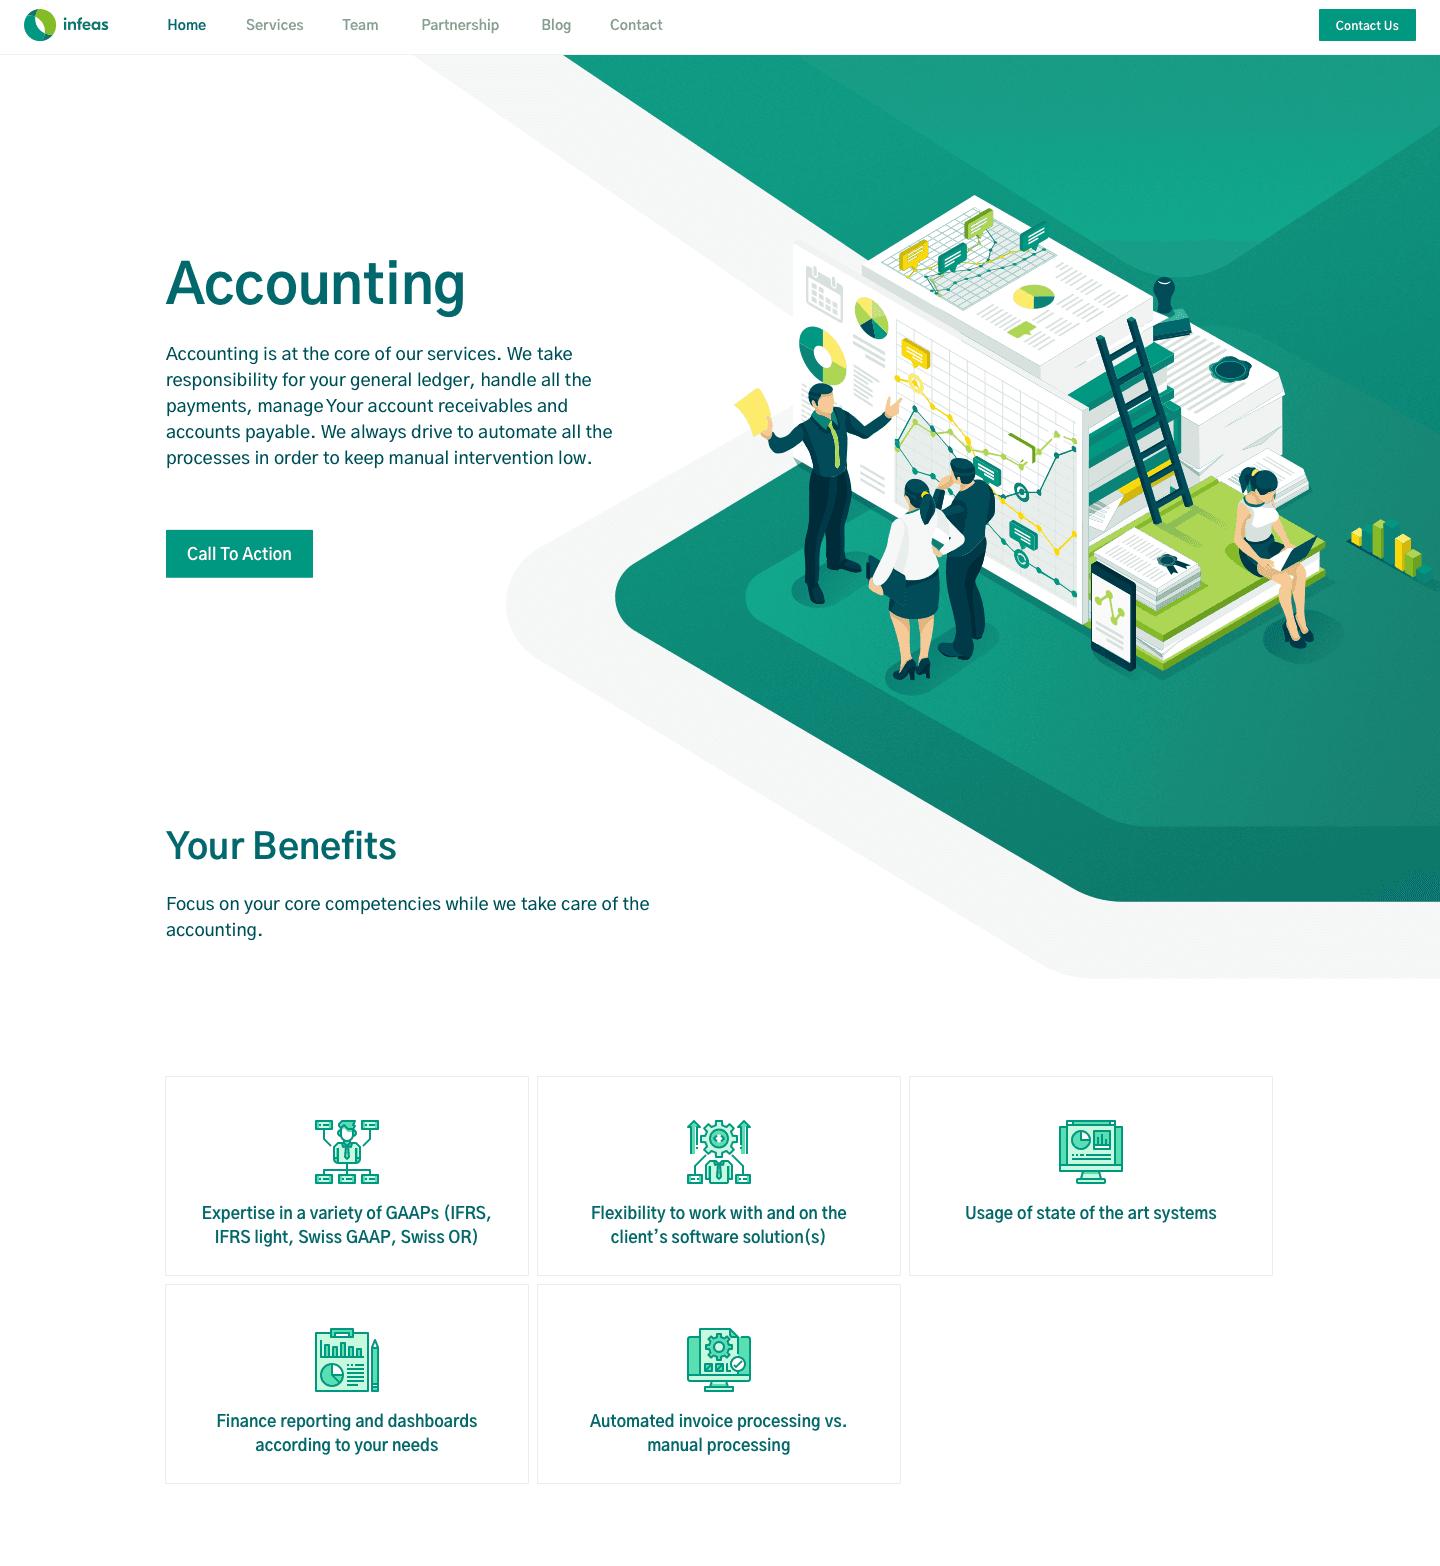 Webflow Development for finance controlling service